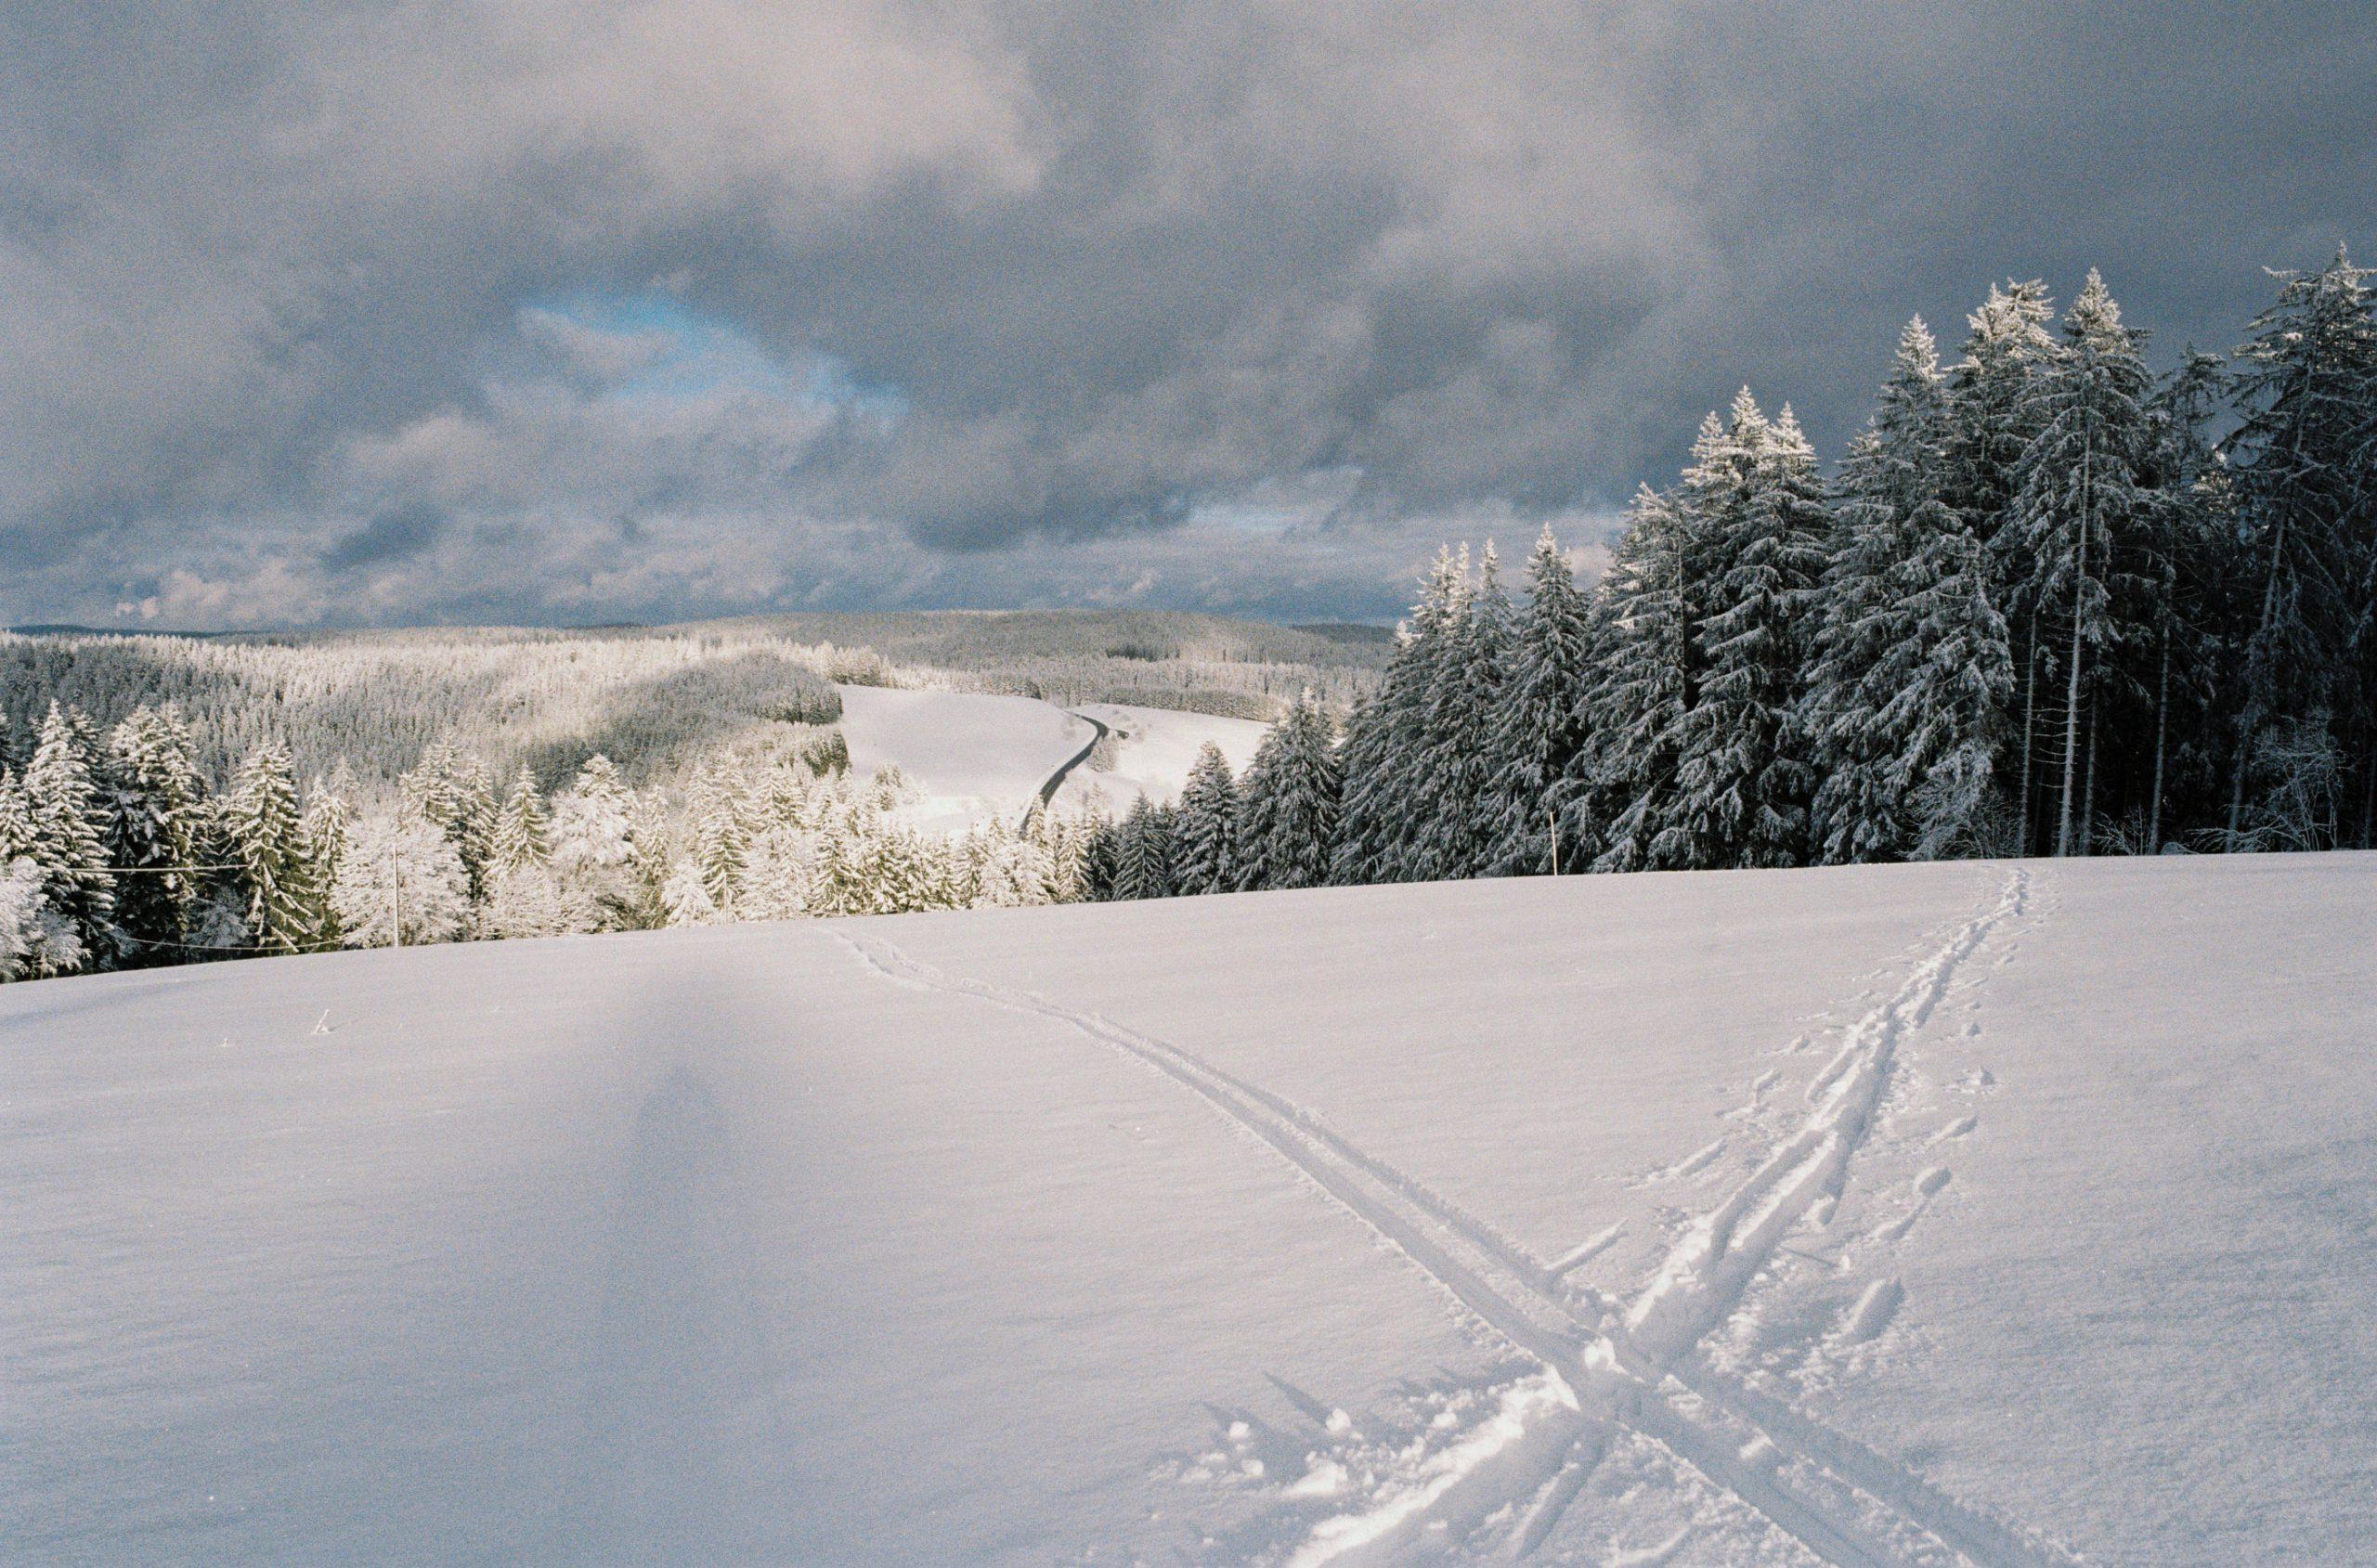 Quo vadis? Skispuren im frischen Schnee des Schwarzwaldes. Zeiss Ikon mit Biogon 35/2.8 ZM. Kodak ProImage 100